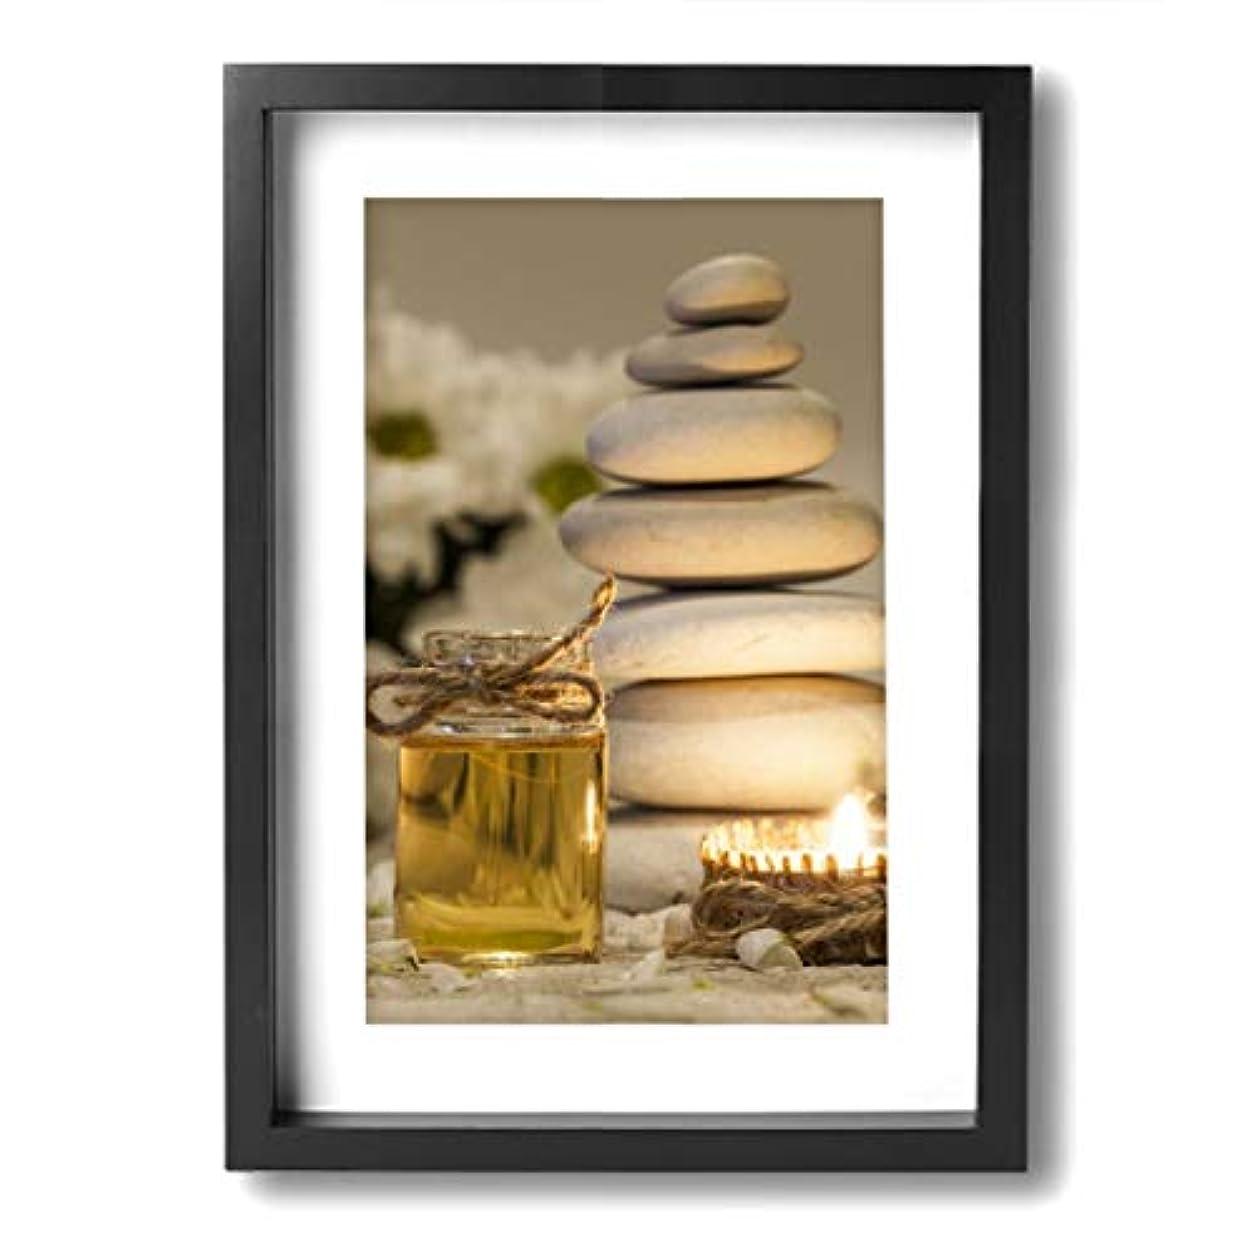 警告悪意のあるポテト魅力的な芸術 20x30cm Chamomile Essential Oil Chamomile Flowers キャンバスの壁アート 画像プリント絵画リビングルームの壁の装飾と家の装飾のための現代アートワークハングする...